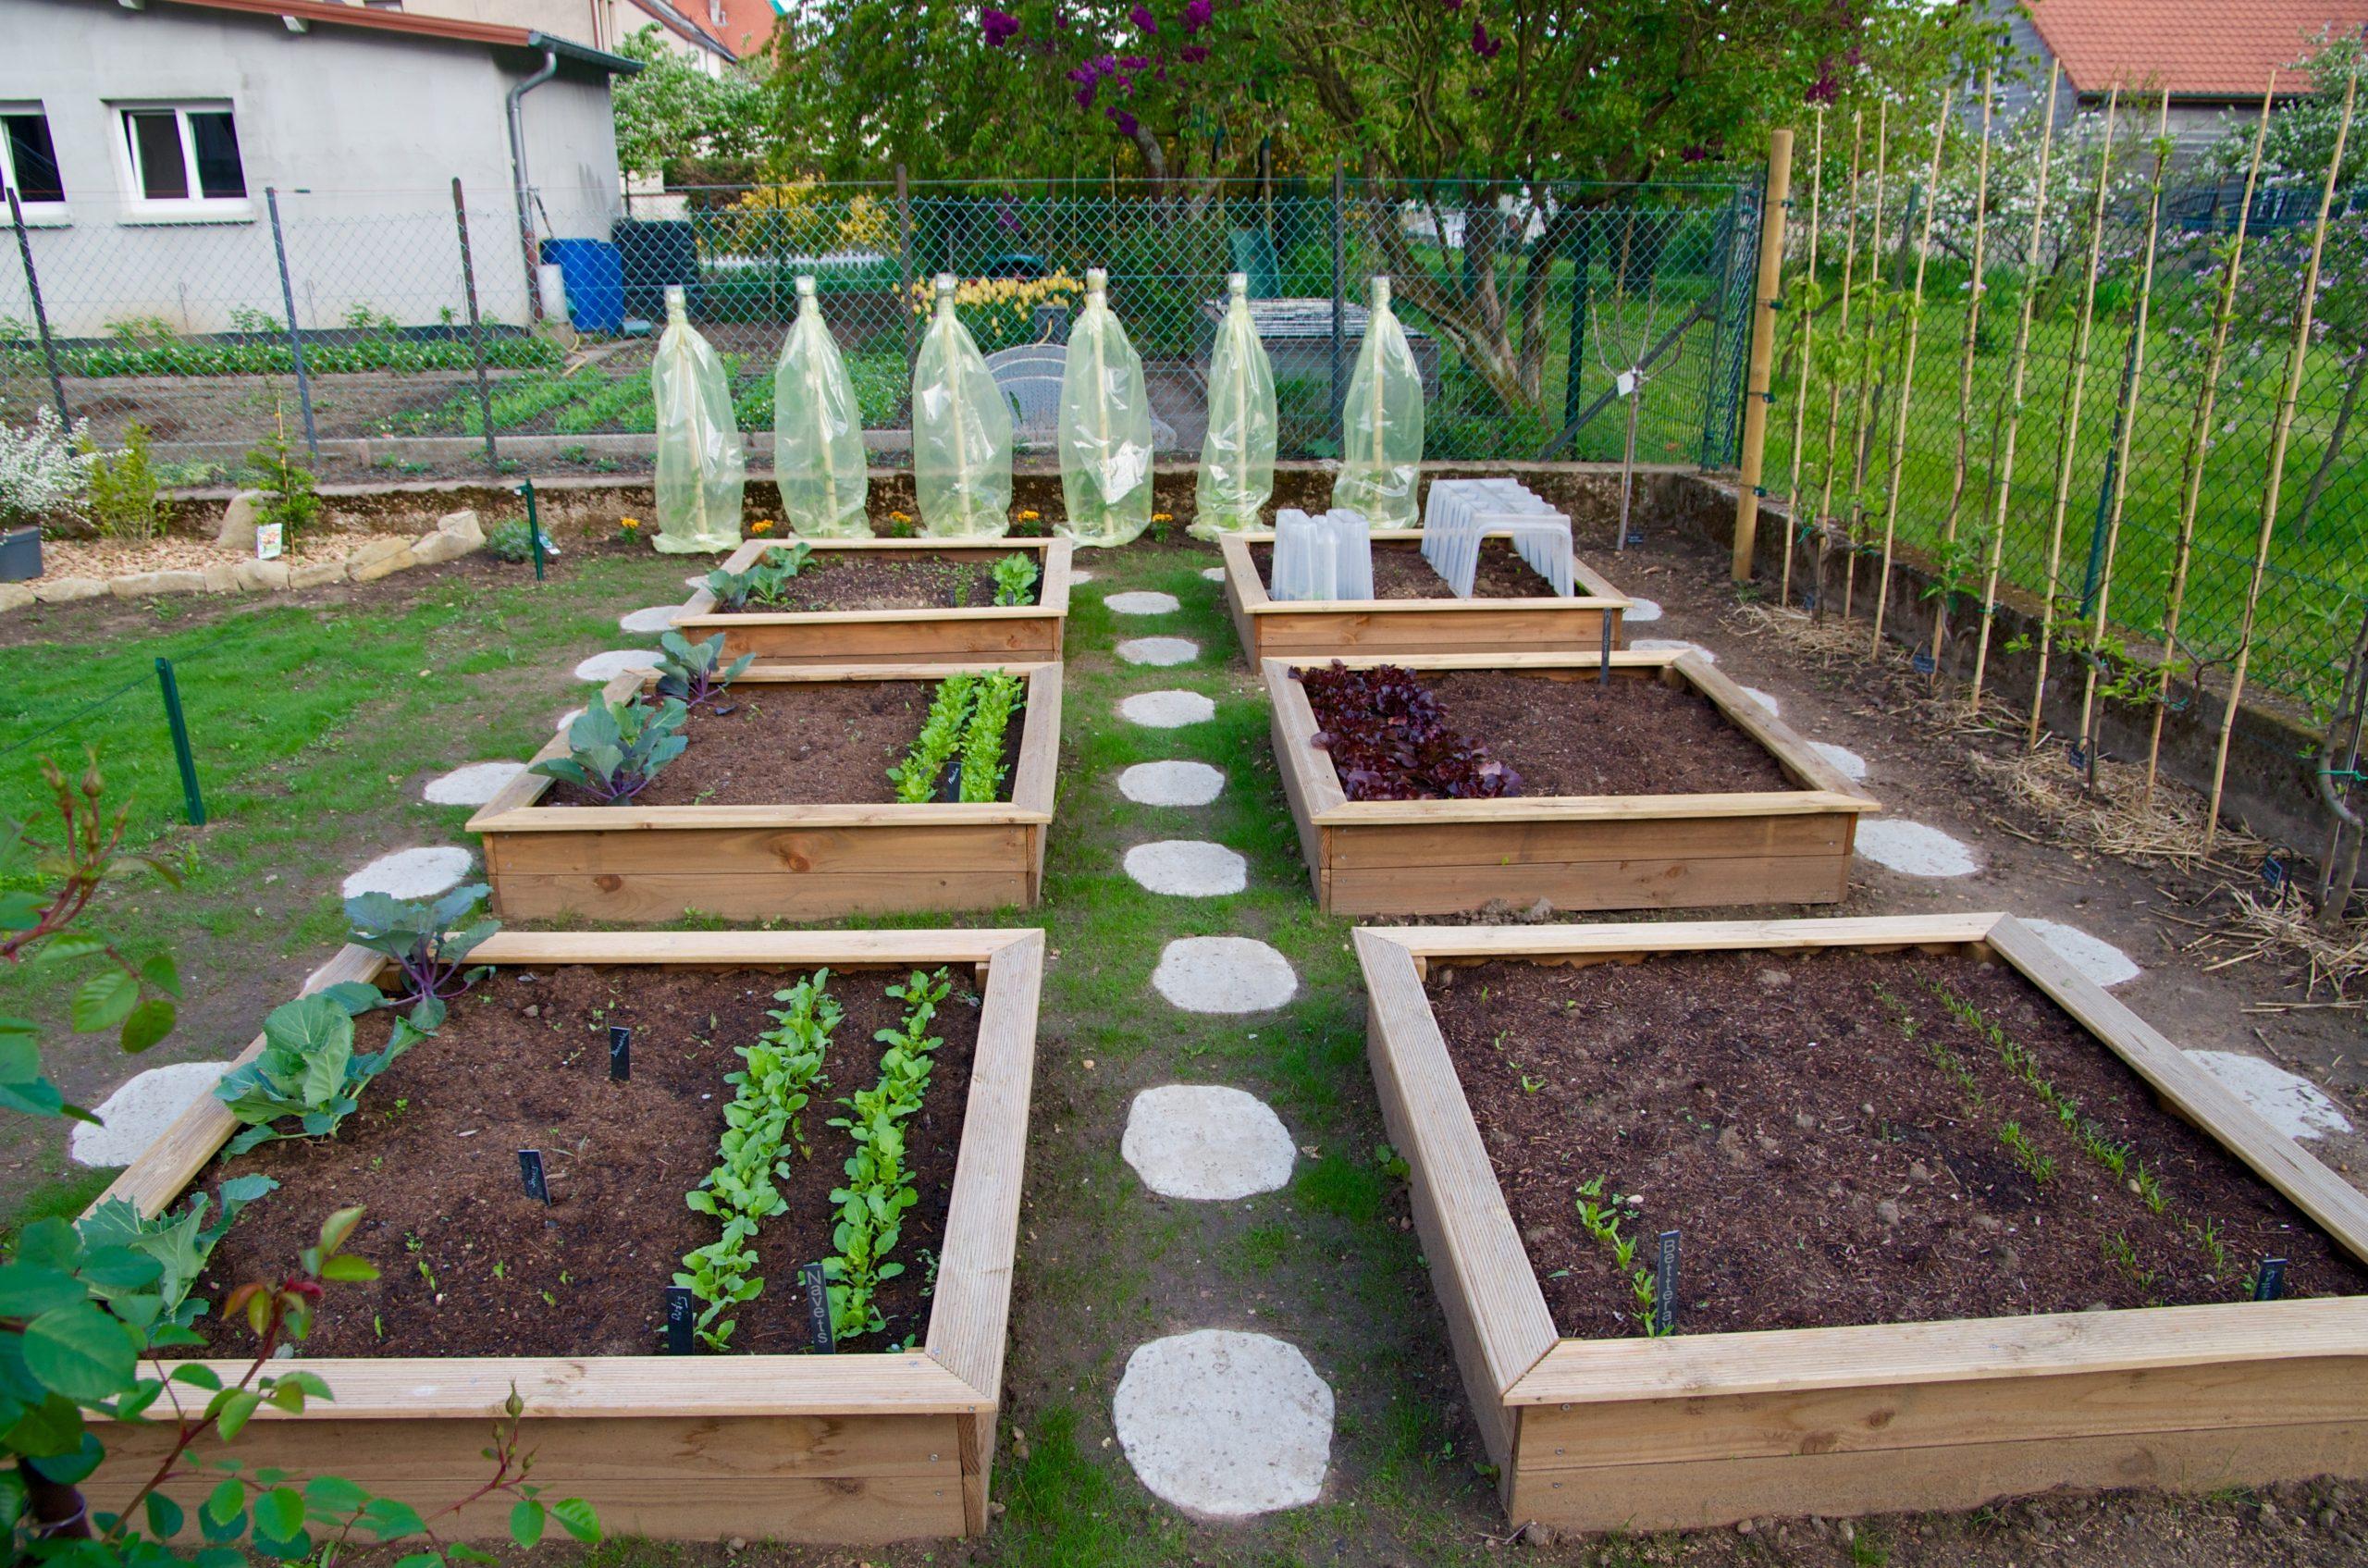 Le Top 5 Des Fruits Et Légumes À Cultiver Dans Son Jardin ... destiné Faire Un Petit Potager Dans Son Jardin